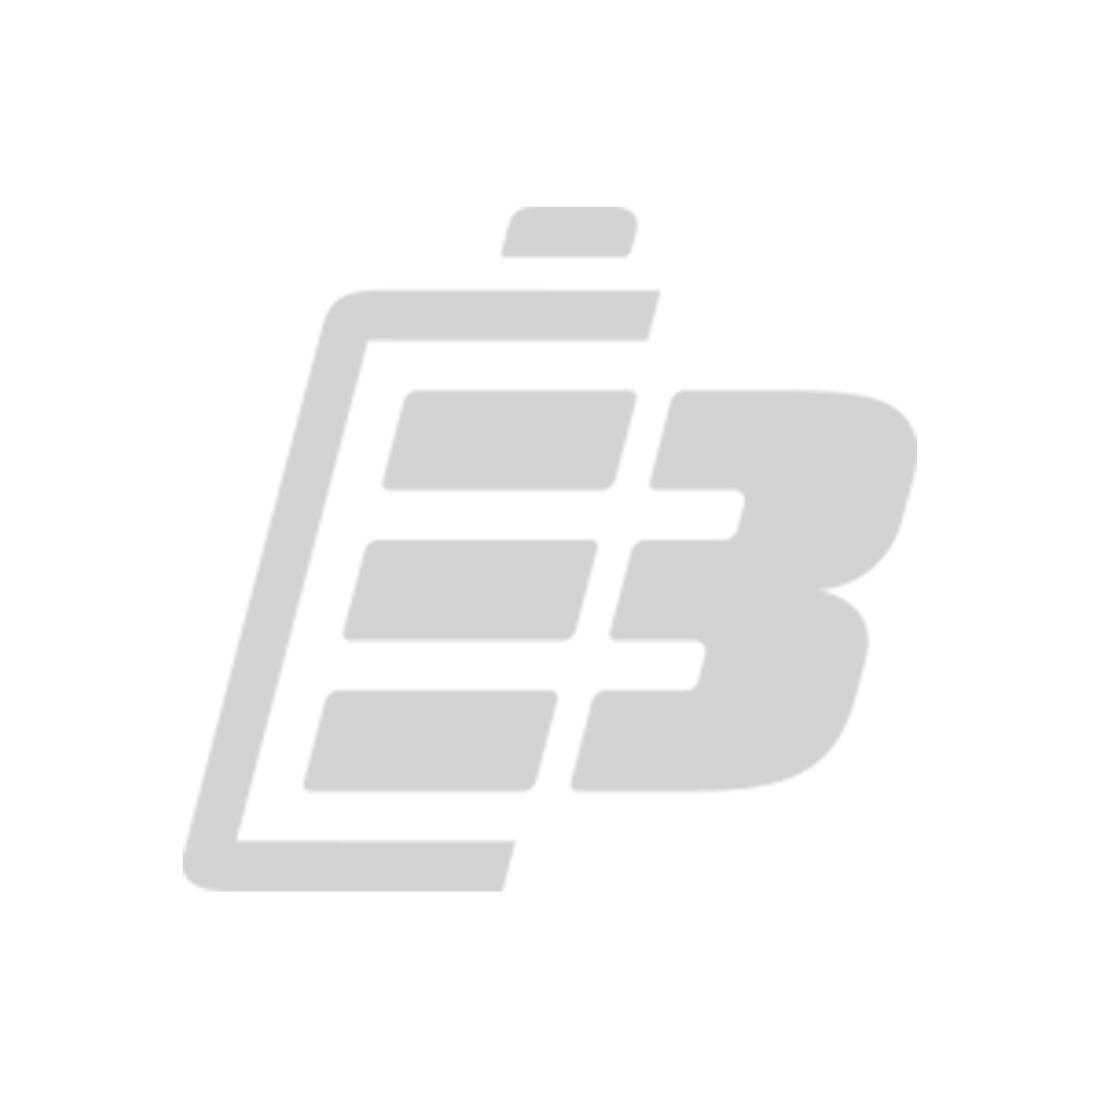 Μπαταρία PDA Qtek G100_1